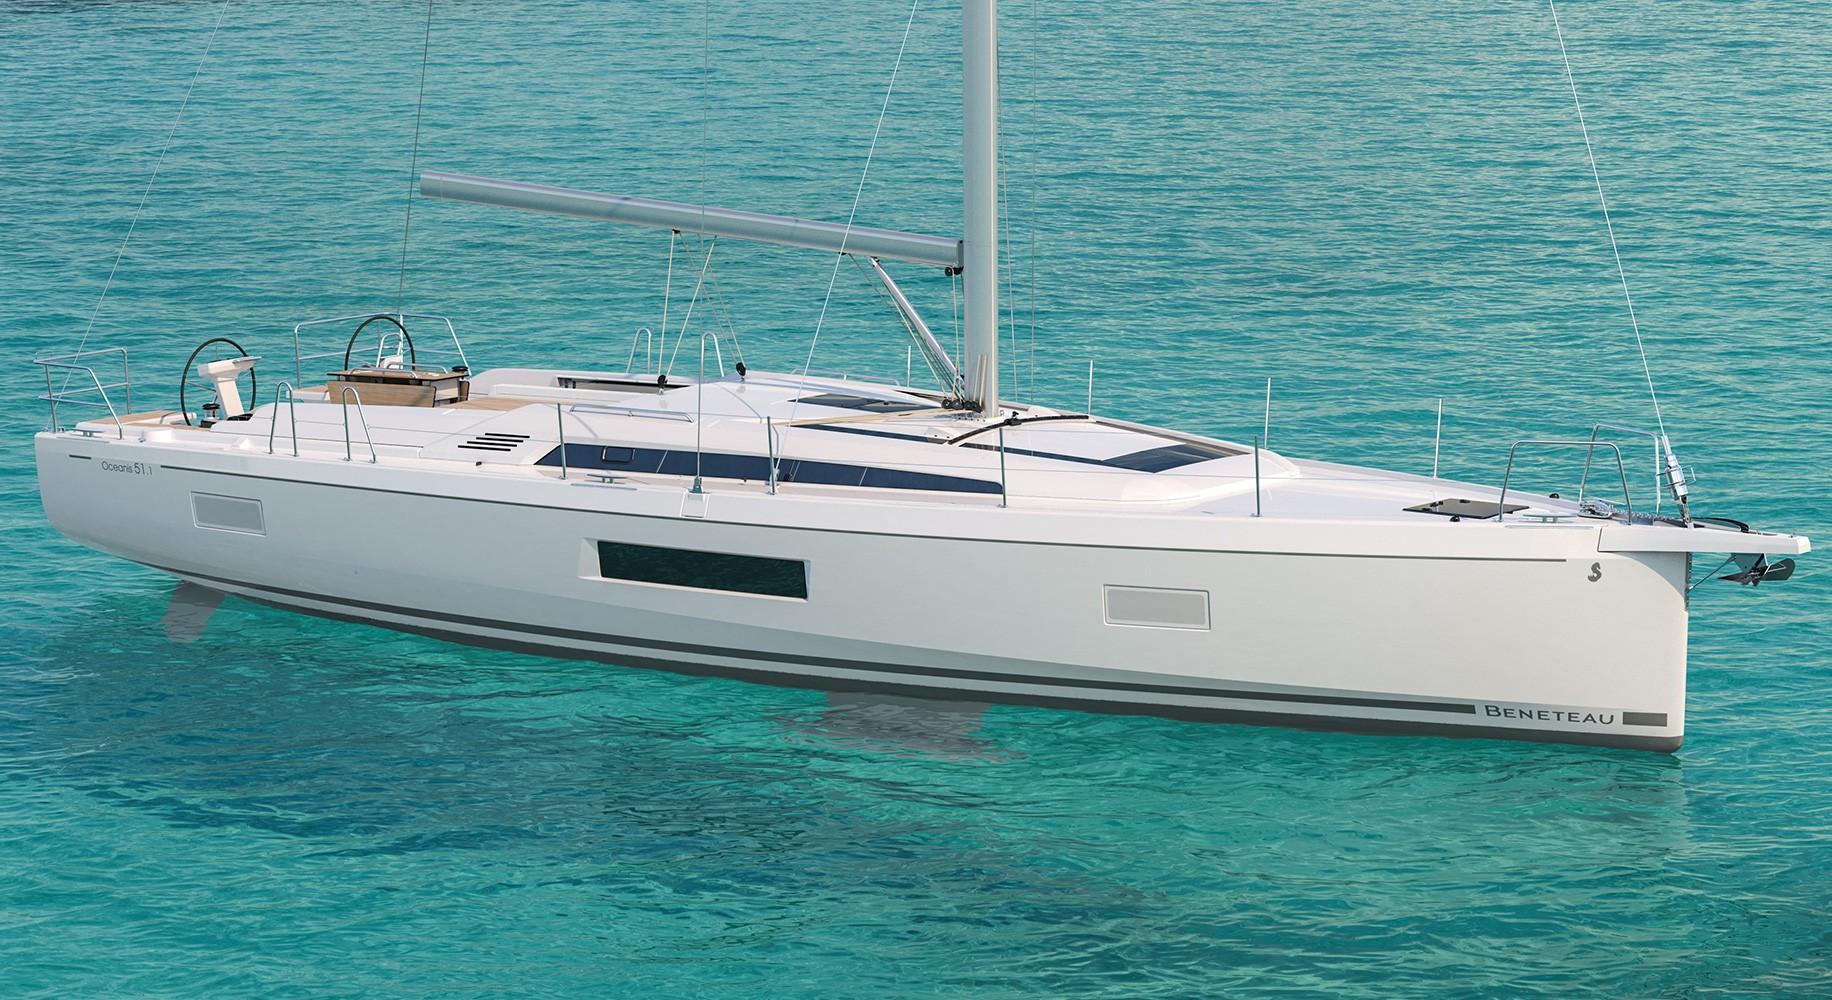 Beneteau Oceanis 51.1 - On Order